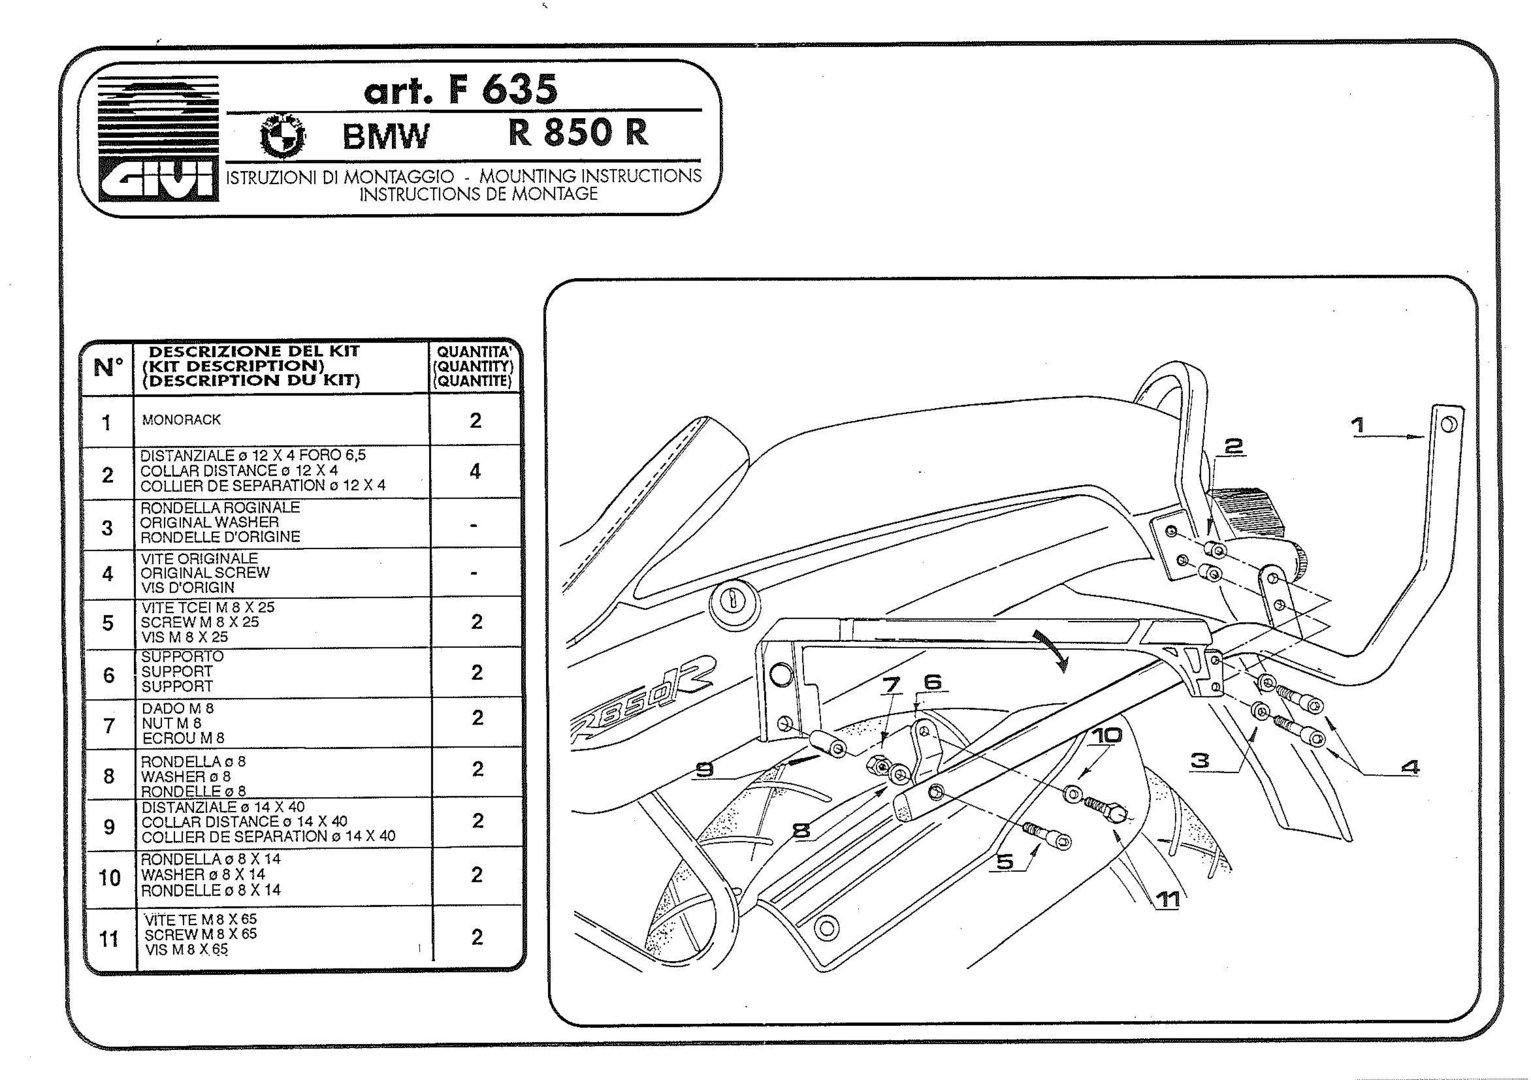 Givi Attacco Posteriore Bauletto Specifico Per Bmw R850r